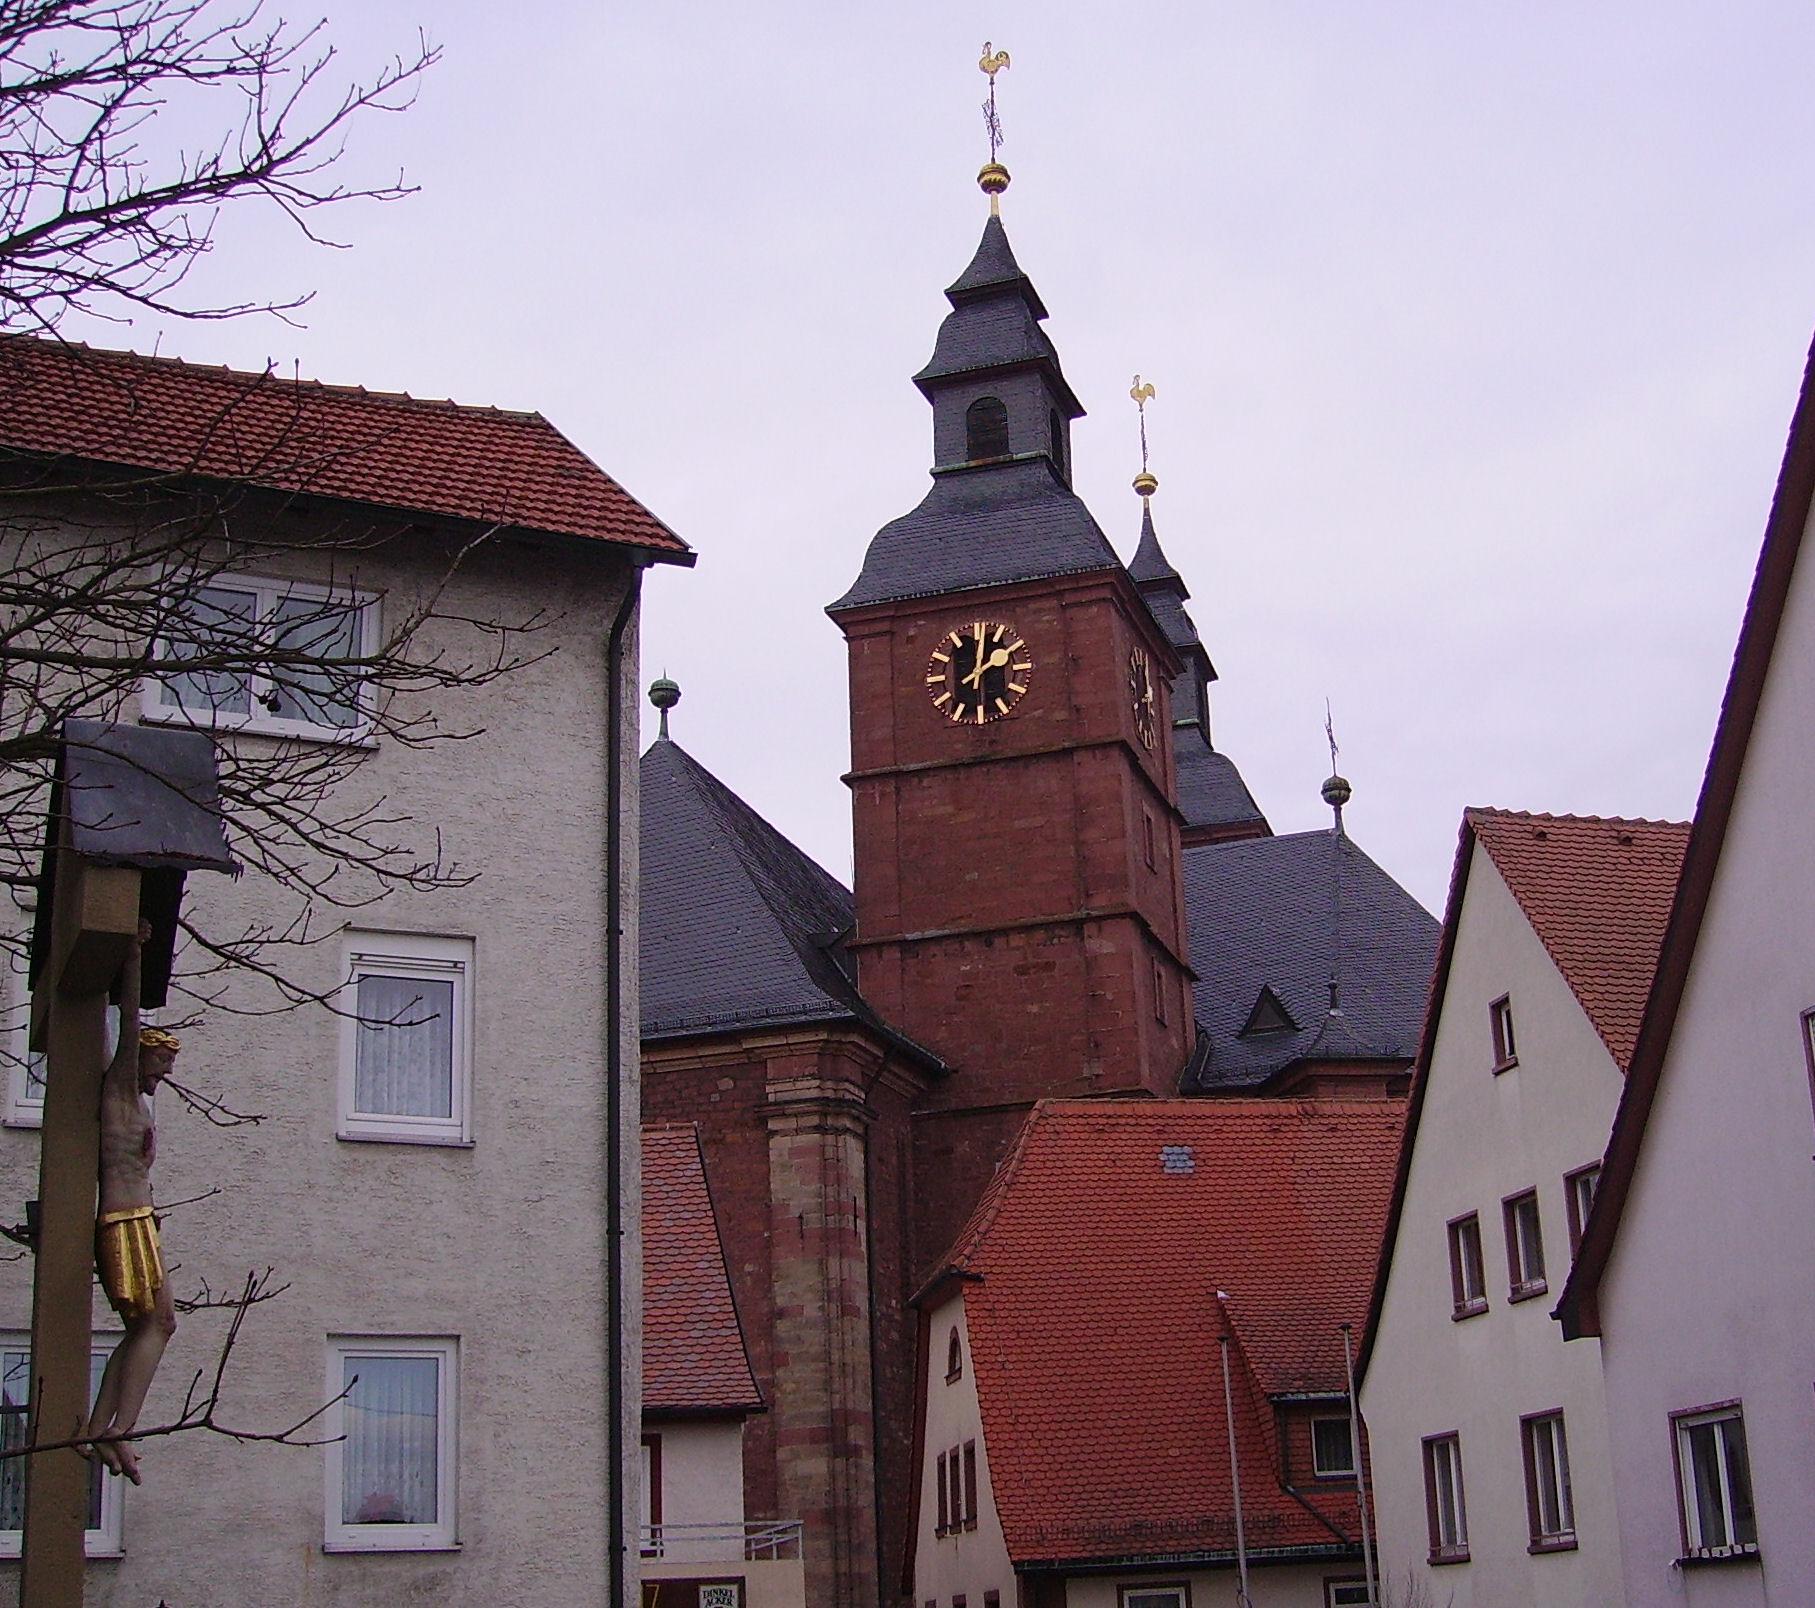 Wallfahrtskirche St. Georg in Walldürn - Quelle: WikiCommons